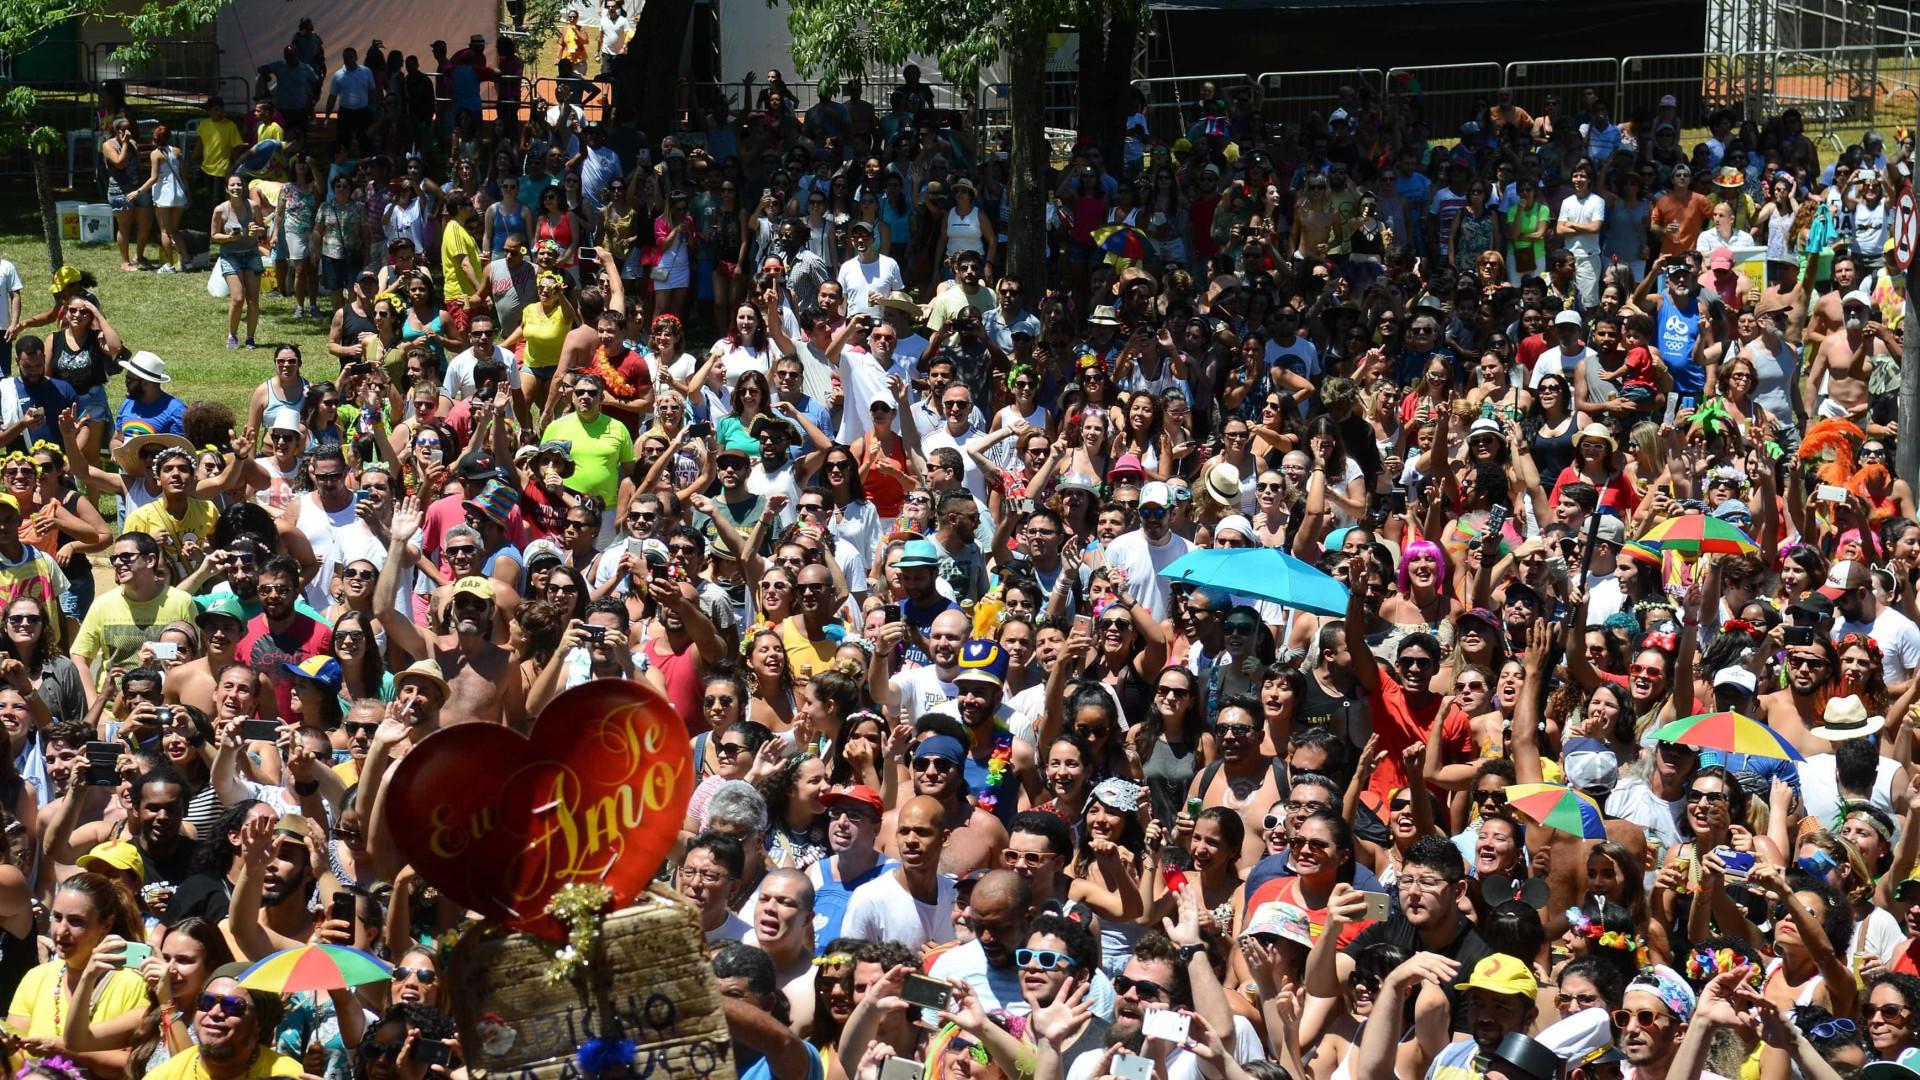 Ministério dos Direitos Humanos recebe 2,8 mil denúncias no carnaval